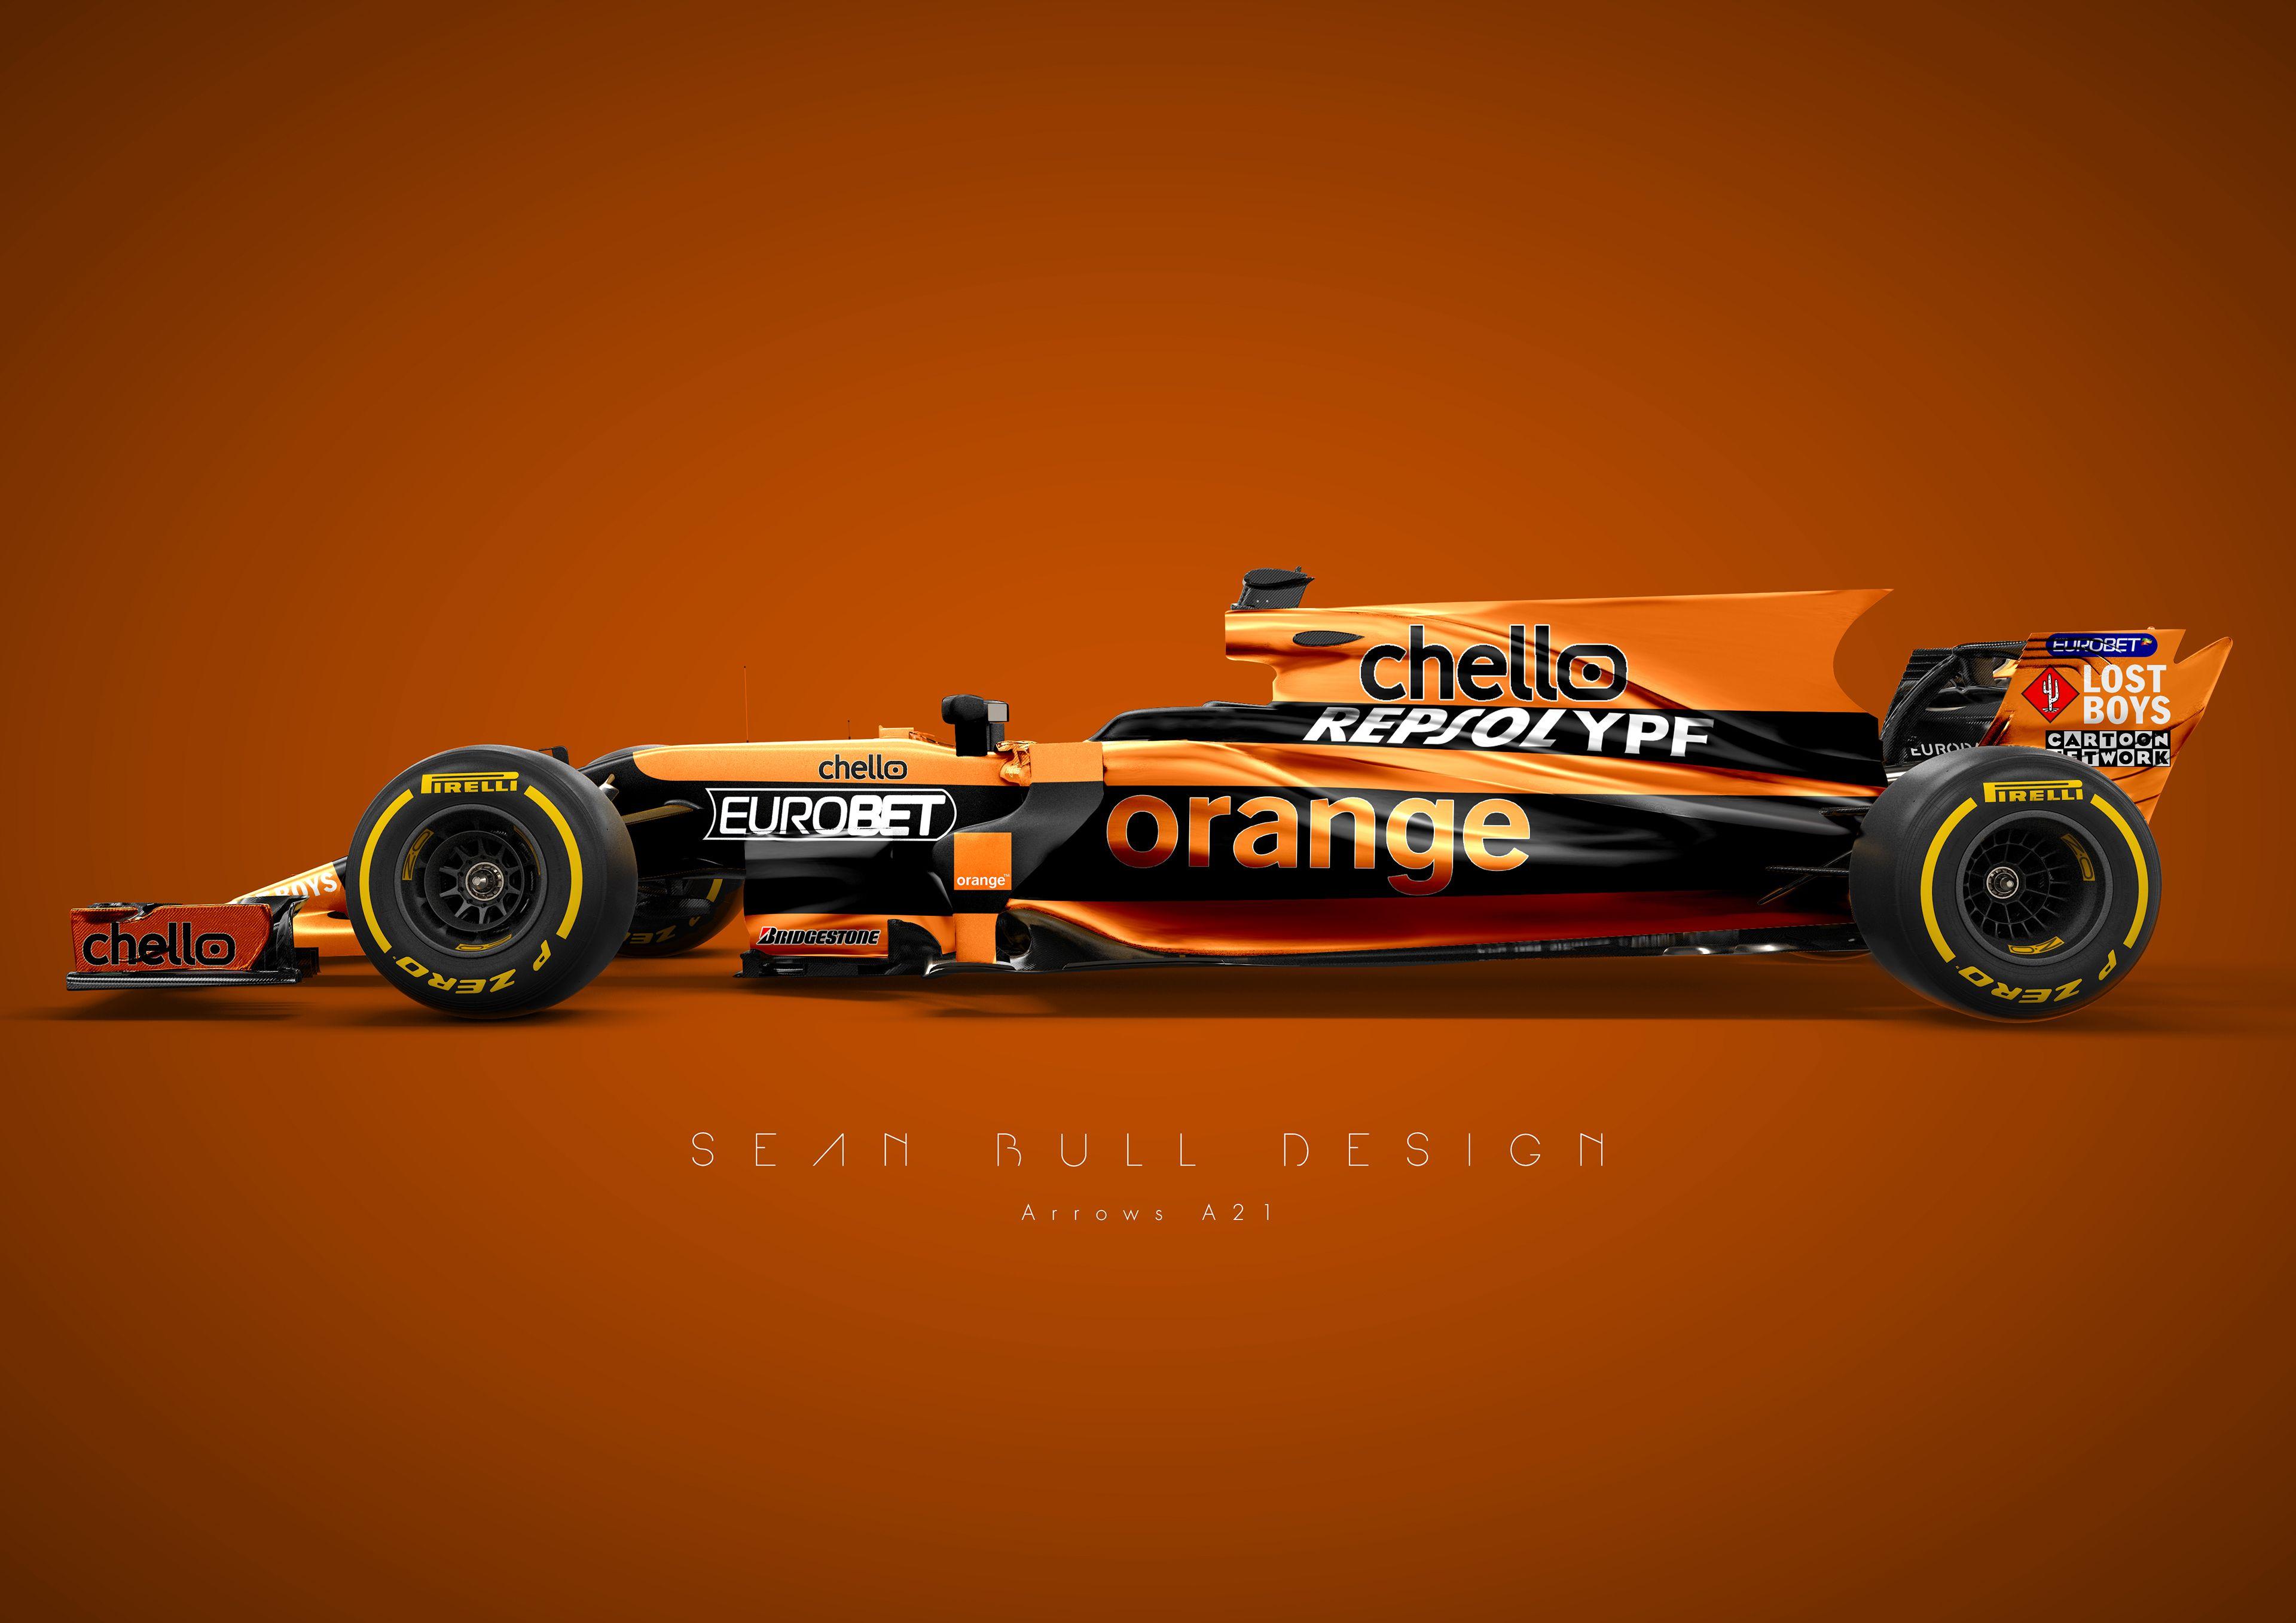 Epingle Par Reb Bj516 Sf Sur Formula 1 The Passion En 2020 Voiture Formule 1